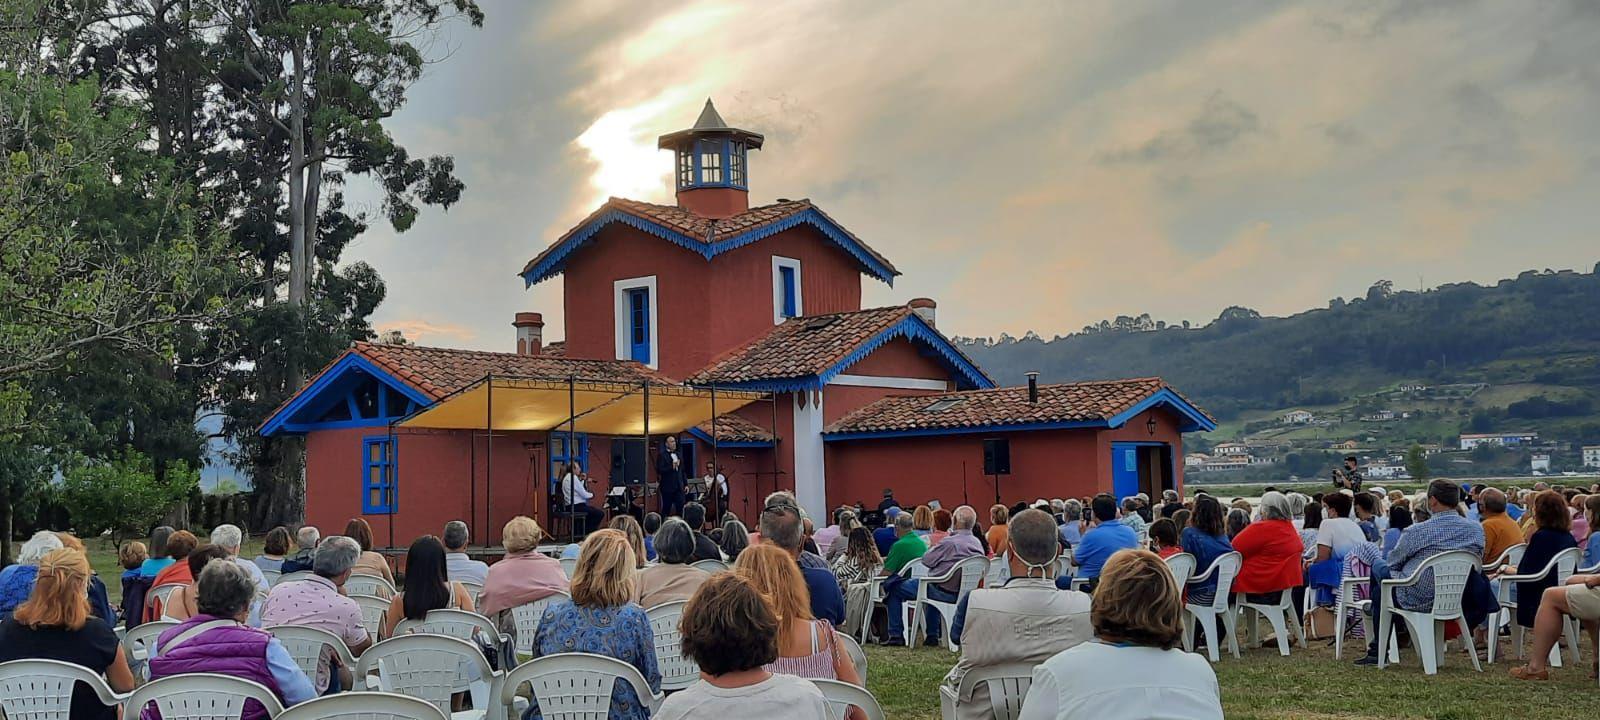 El impresionante escenario de la clausura del Festival de la Ría, en Villaviciosa